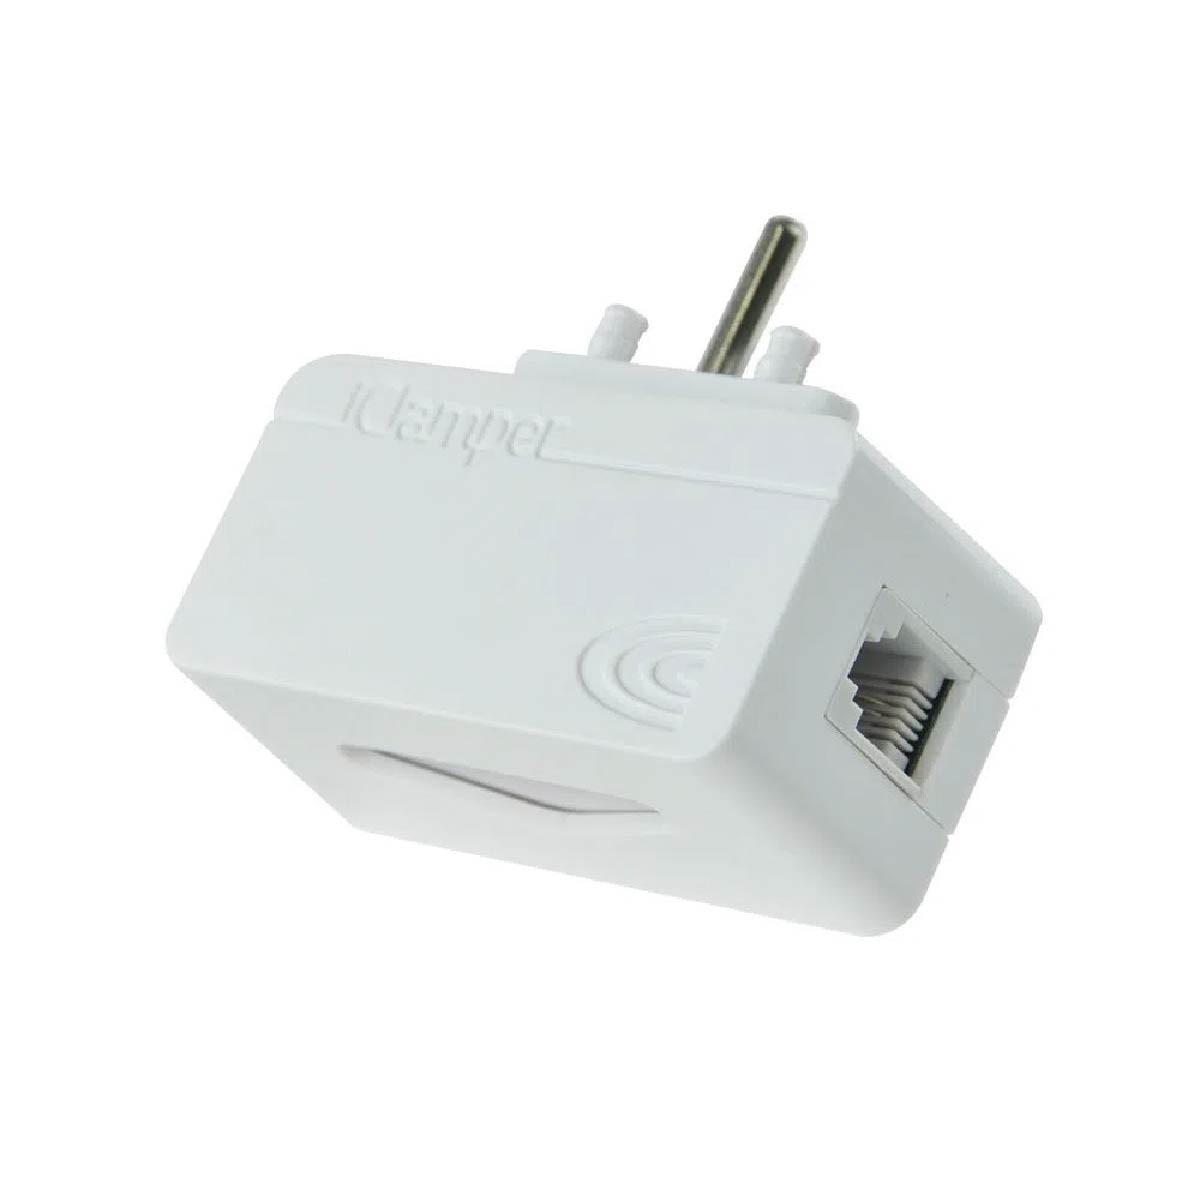 Filtro de Linha Clamper DPS Proteção Para Linhas Telefônicas/modemsADSL/centrais Branco